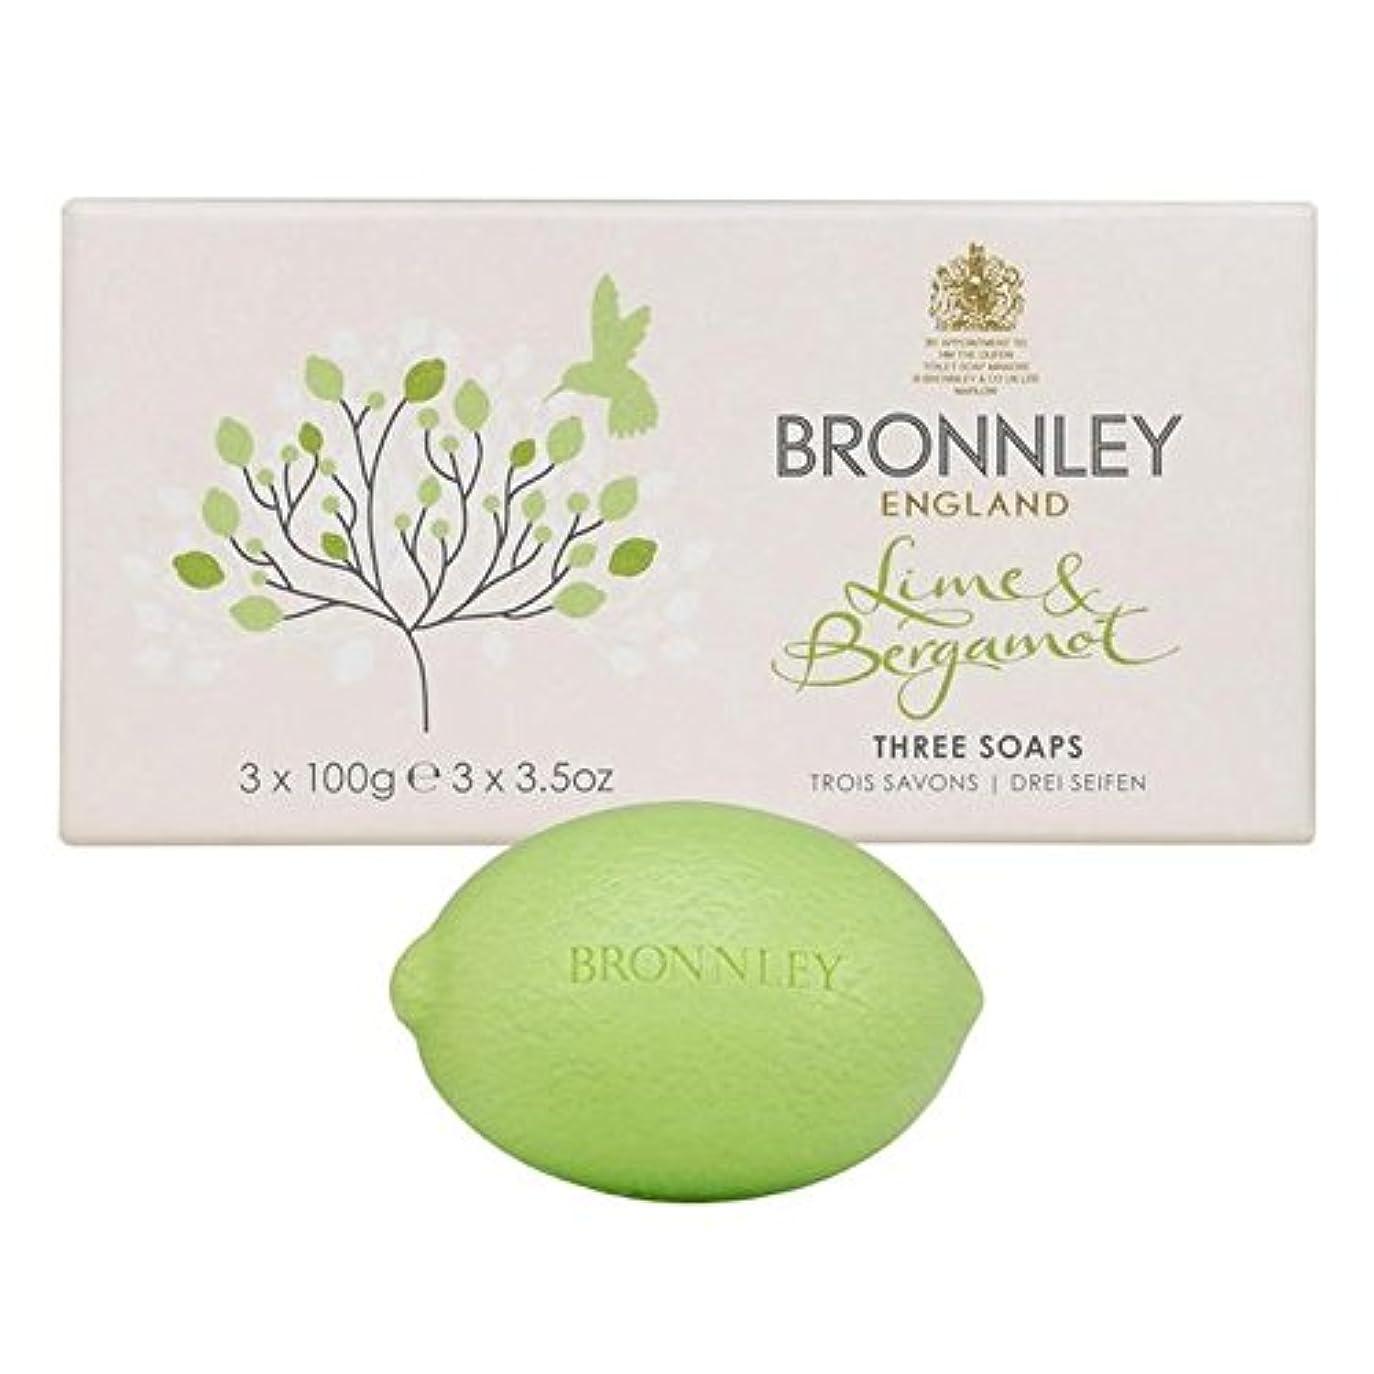 討論潮悩むライム&ベルガモット石鹸3×100グラム x4 - Bronnley Lime & Bergamot Soap 3 x 100g (Pack of 4) [並行輸入品]